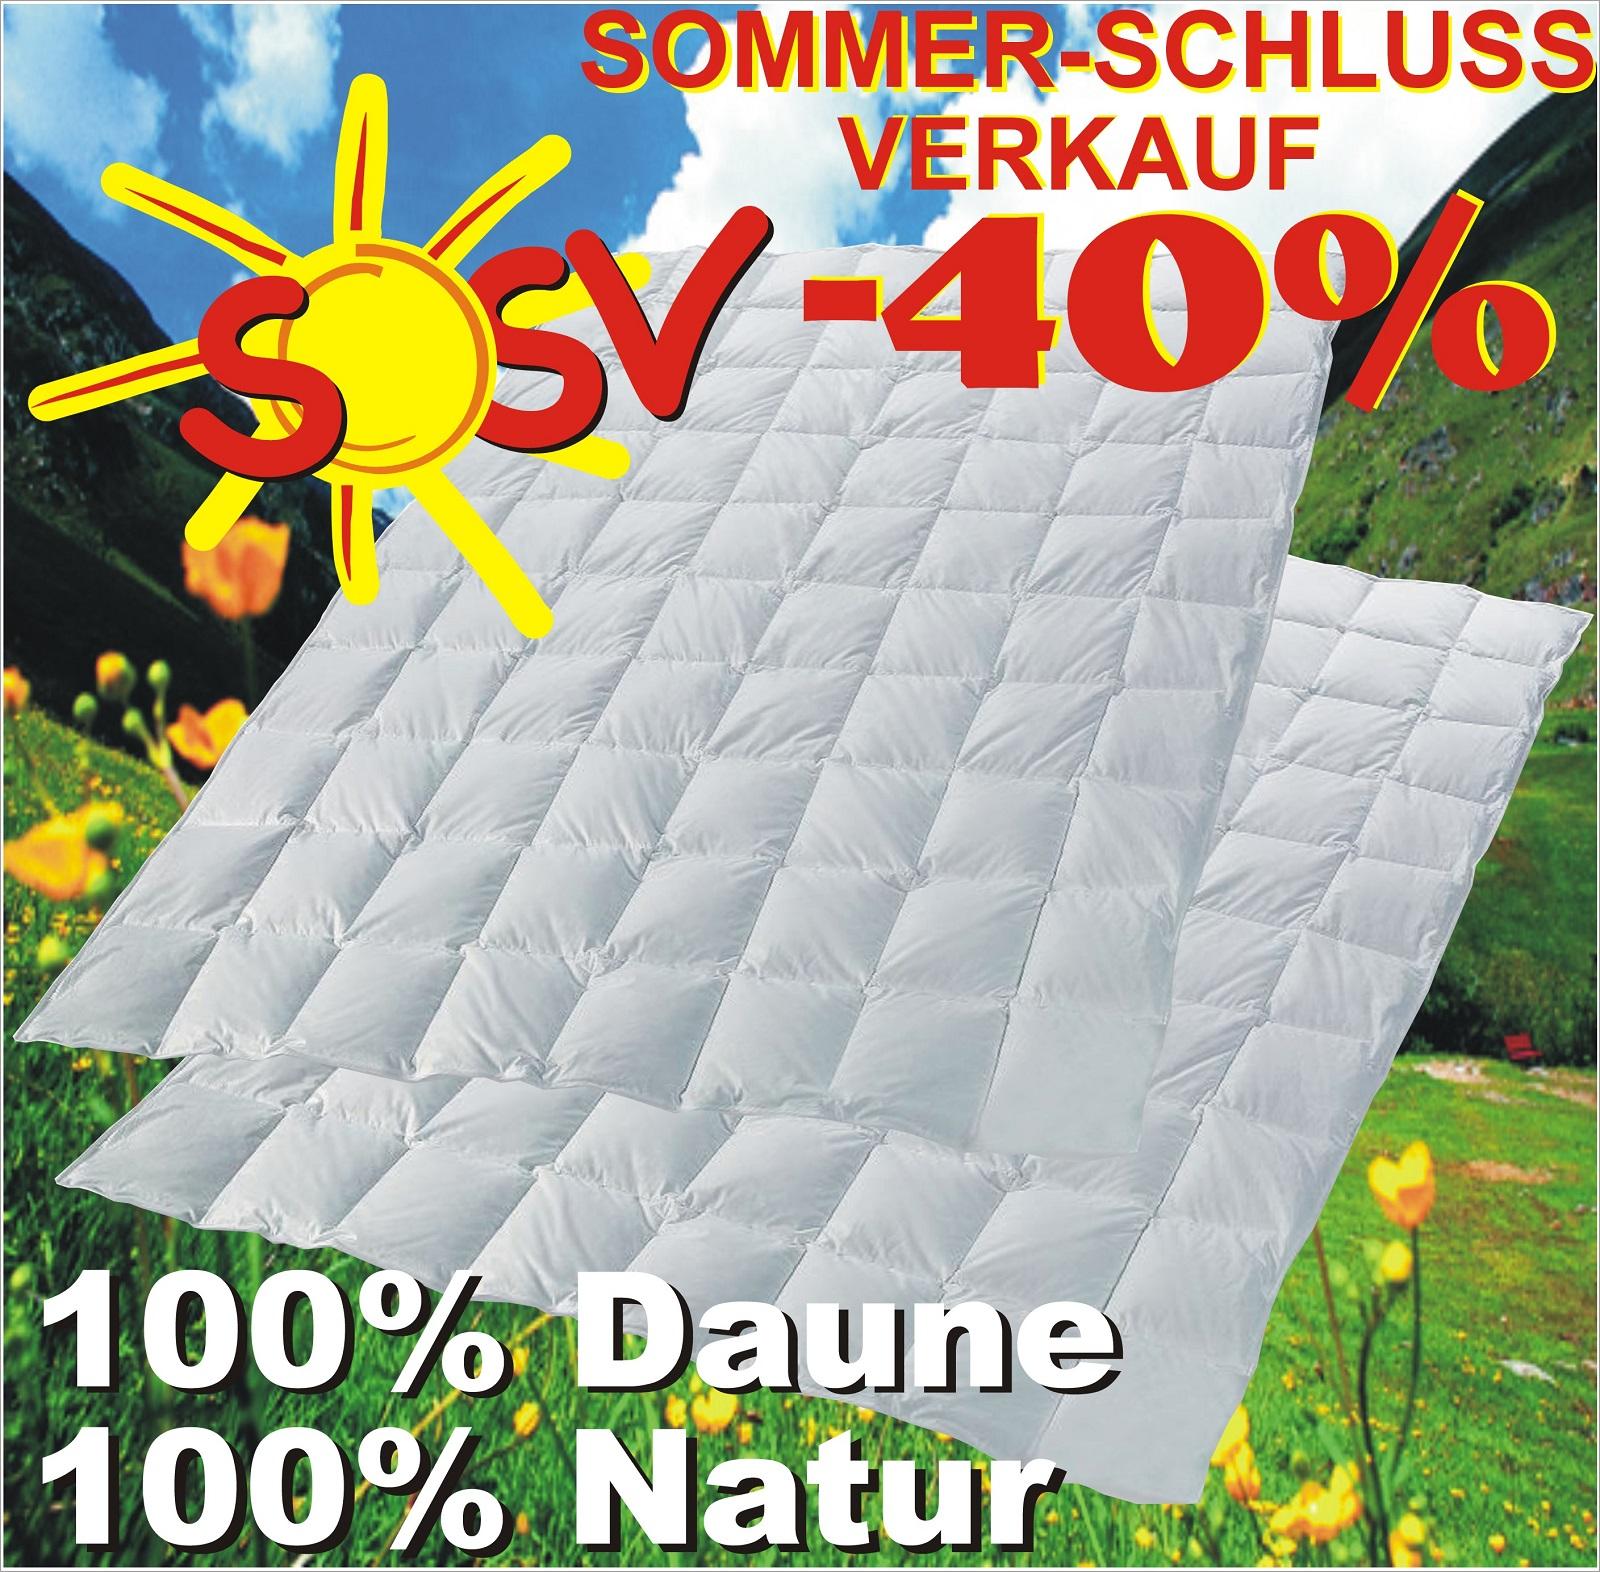 2 sommer daunenbett daunenbetten 100 natur daunenbett 135x200 neu ebay. Black Bedroom Furniture Sets. Home Design Ideas